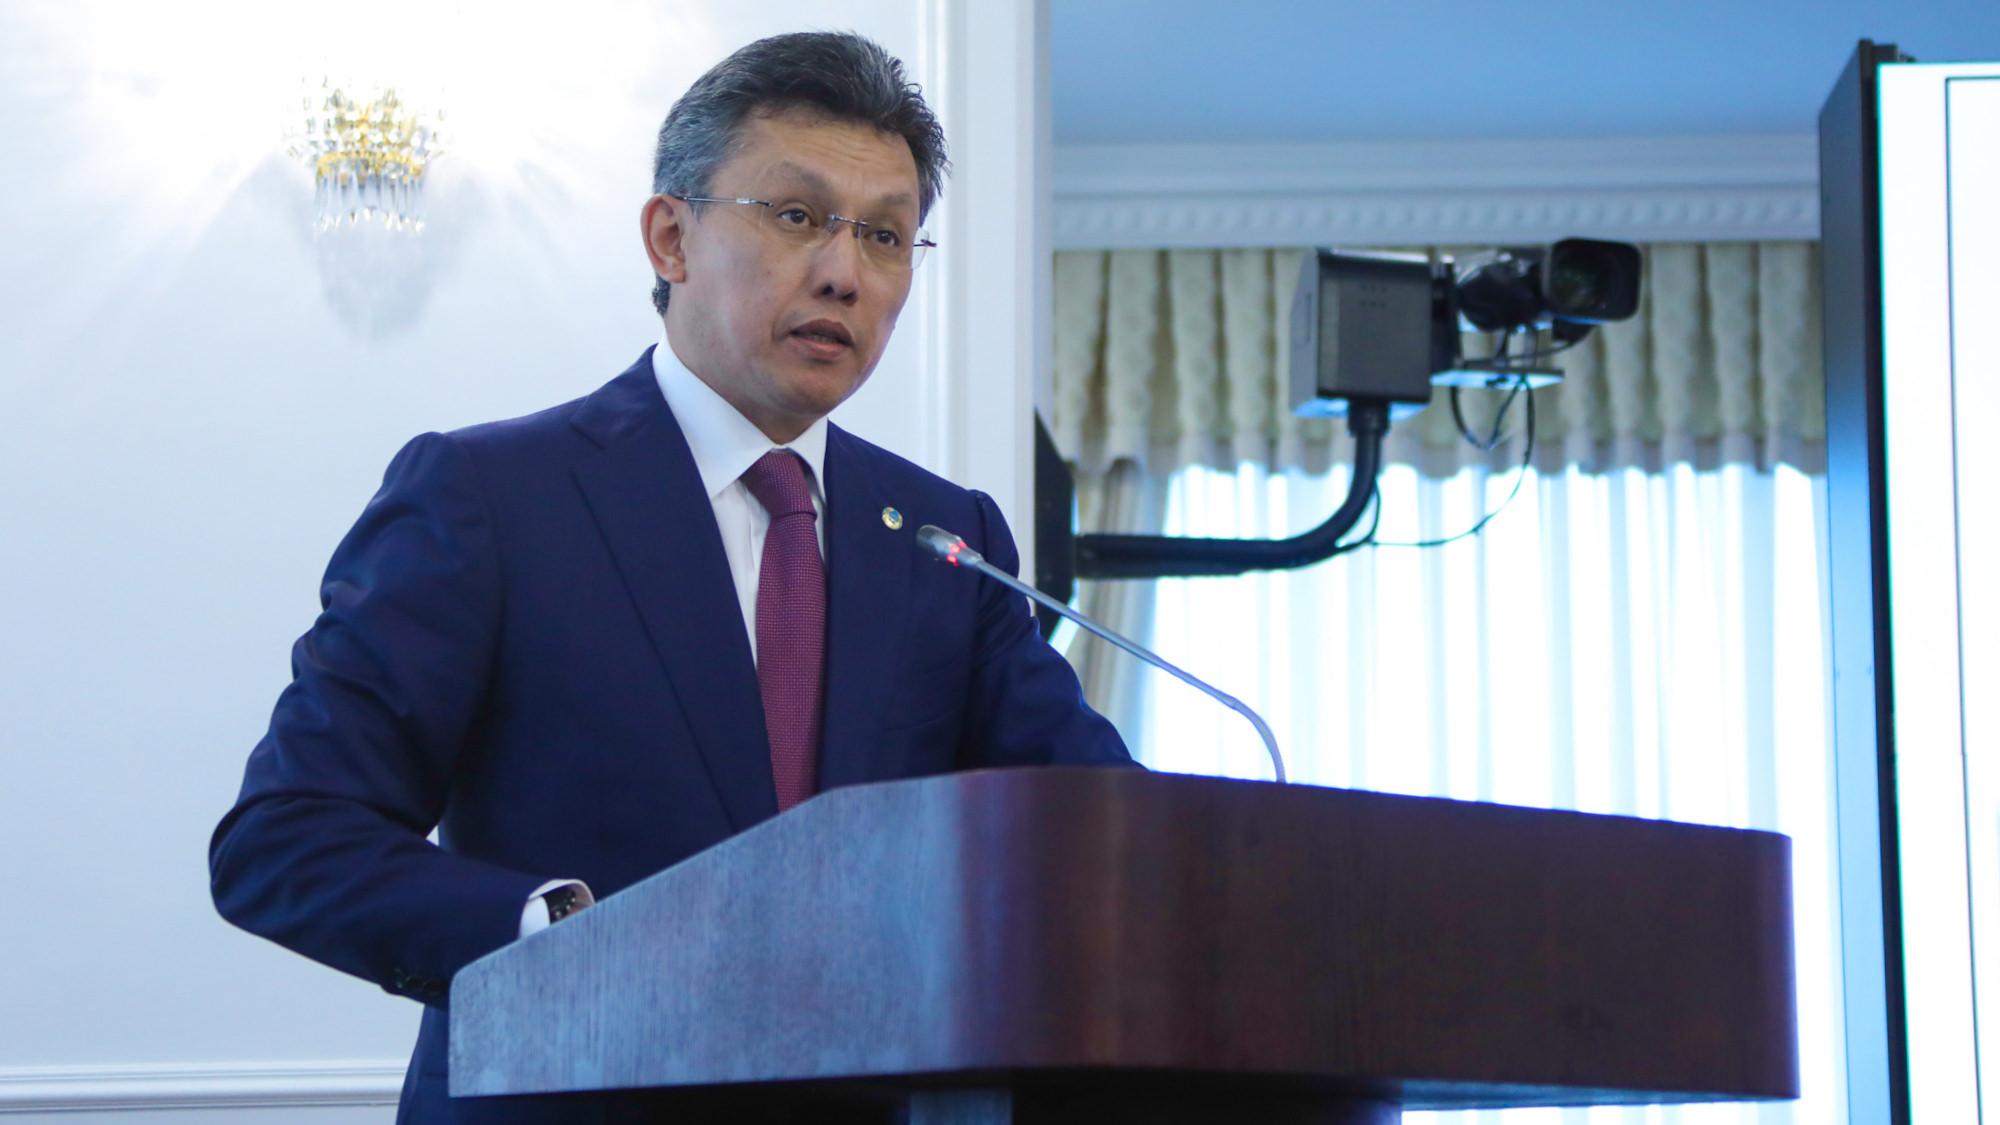 Астананың 2019–2023 жылдарға арналған құрылысы жөніндегі кешенді жоспары мақұлданды